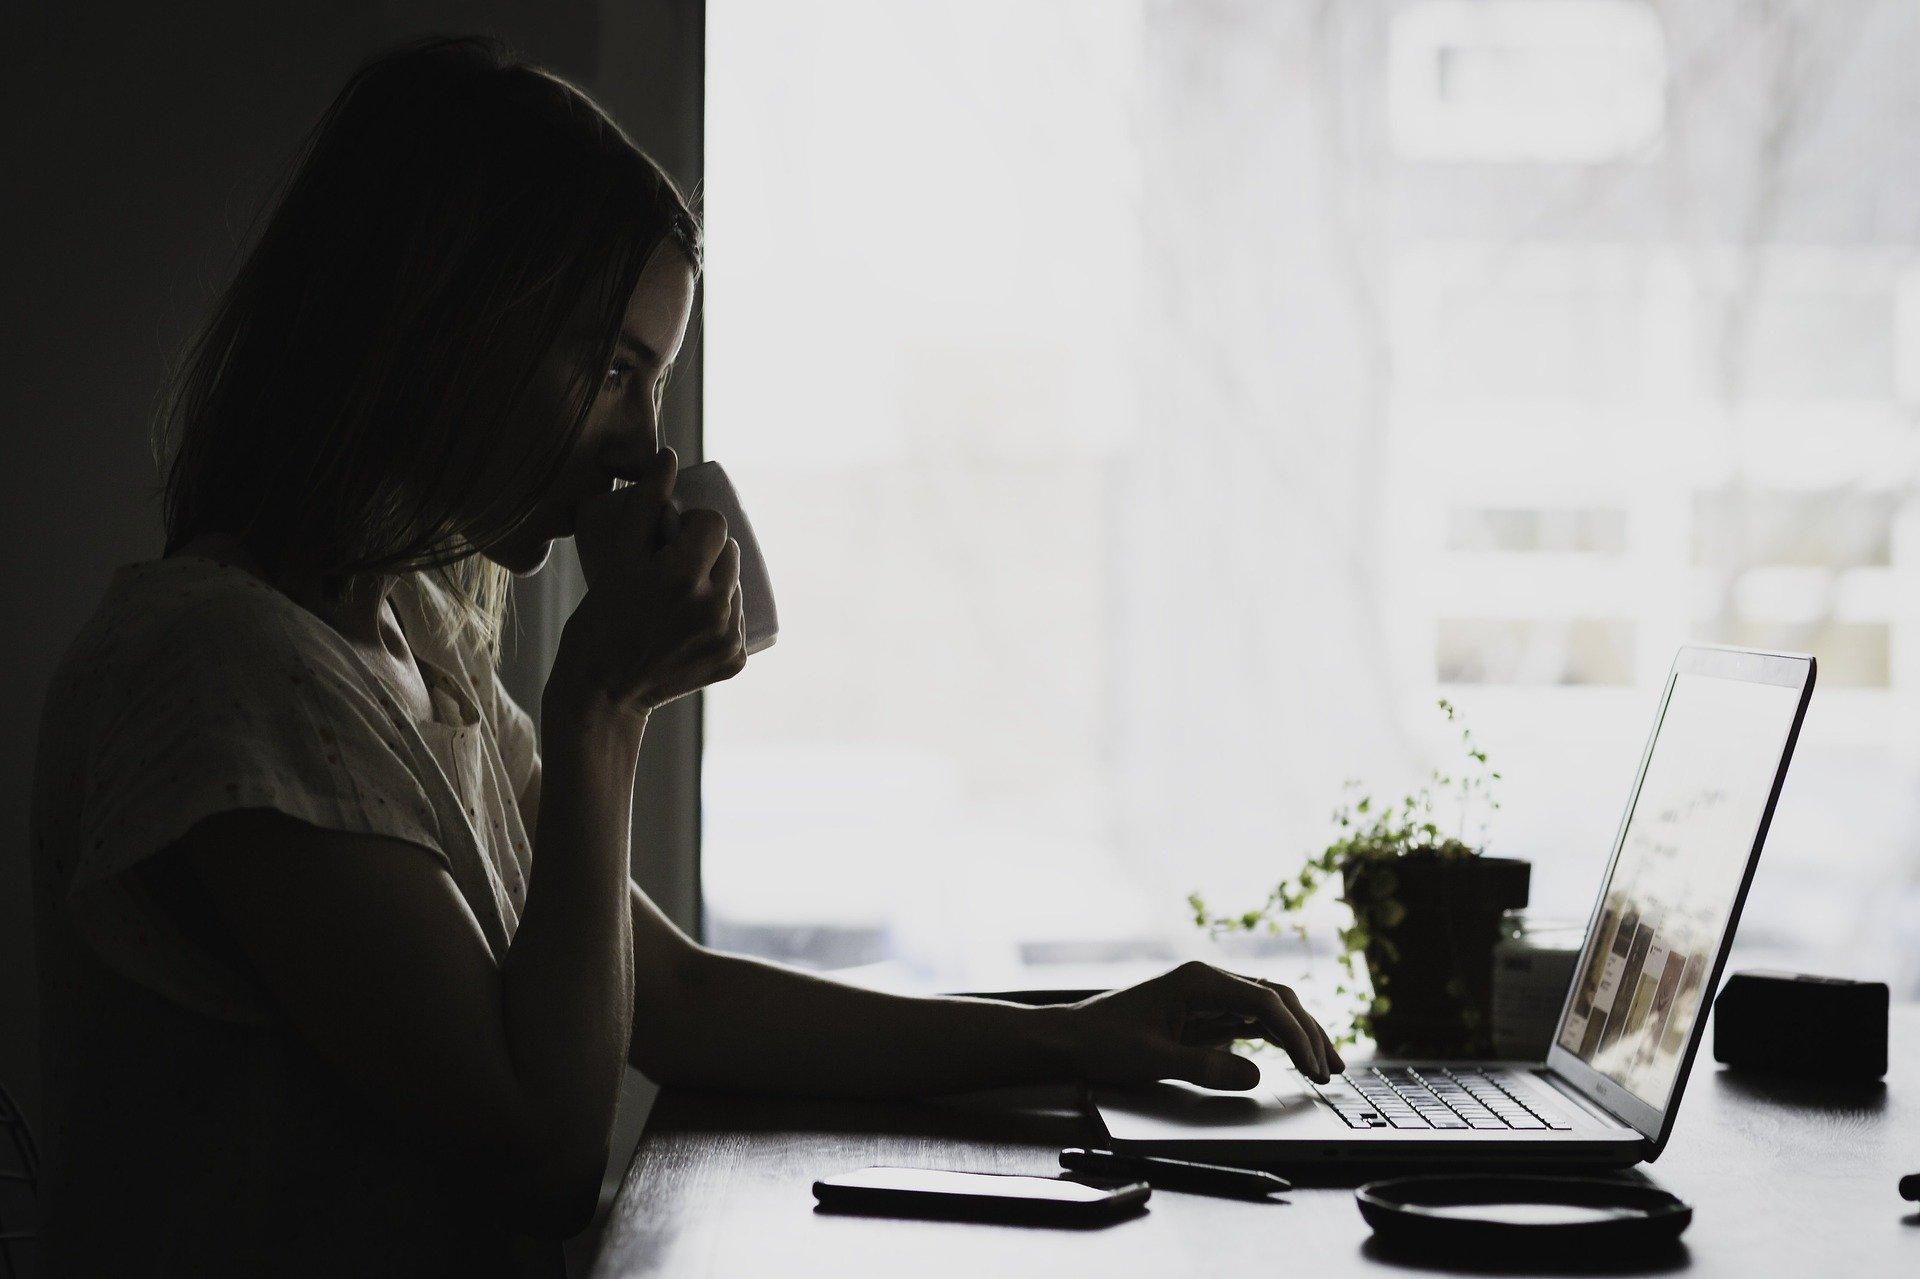 Kobiety wciąż zarabiają mniej. Dane z Podkarpacia i powiatu kolbuszowskiego - Zdjęcie główne